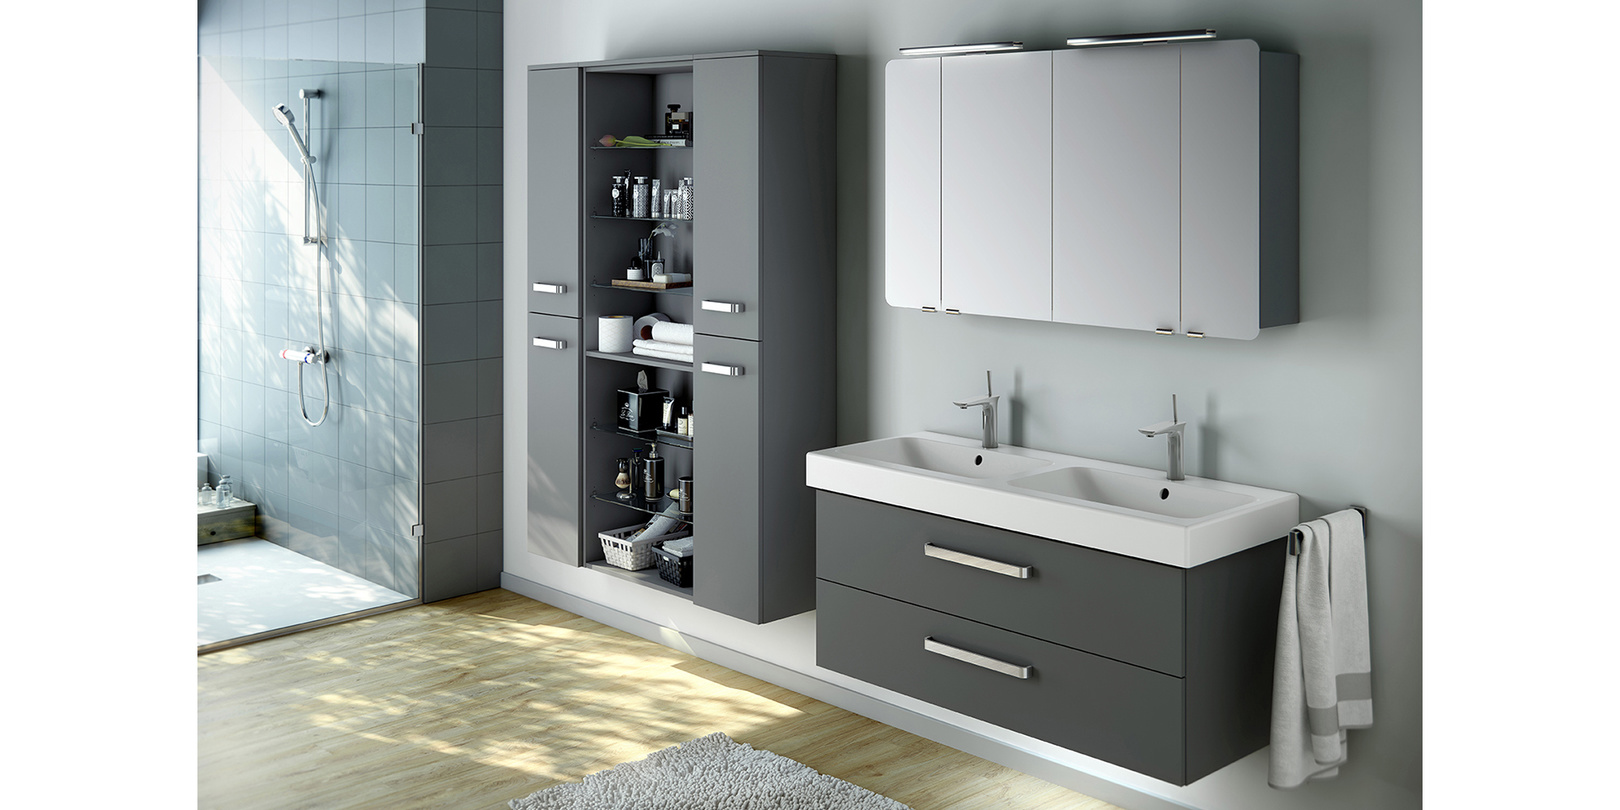 413 - ARTIQUA 400   Baukastensystem und Waschtischunterschränke ...